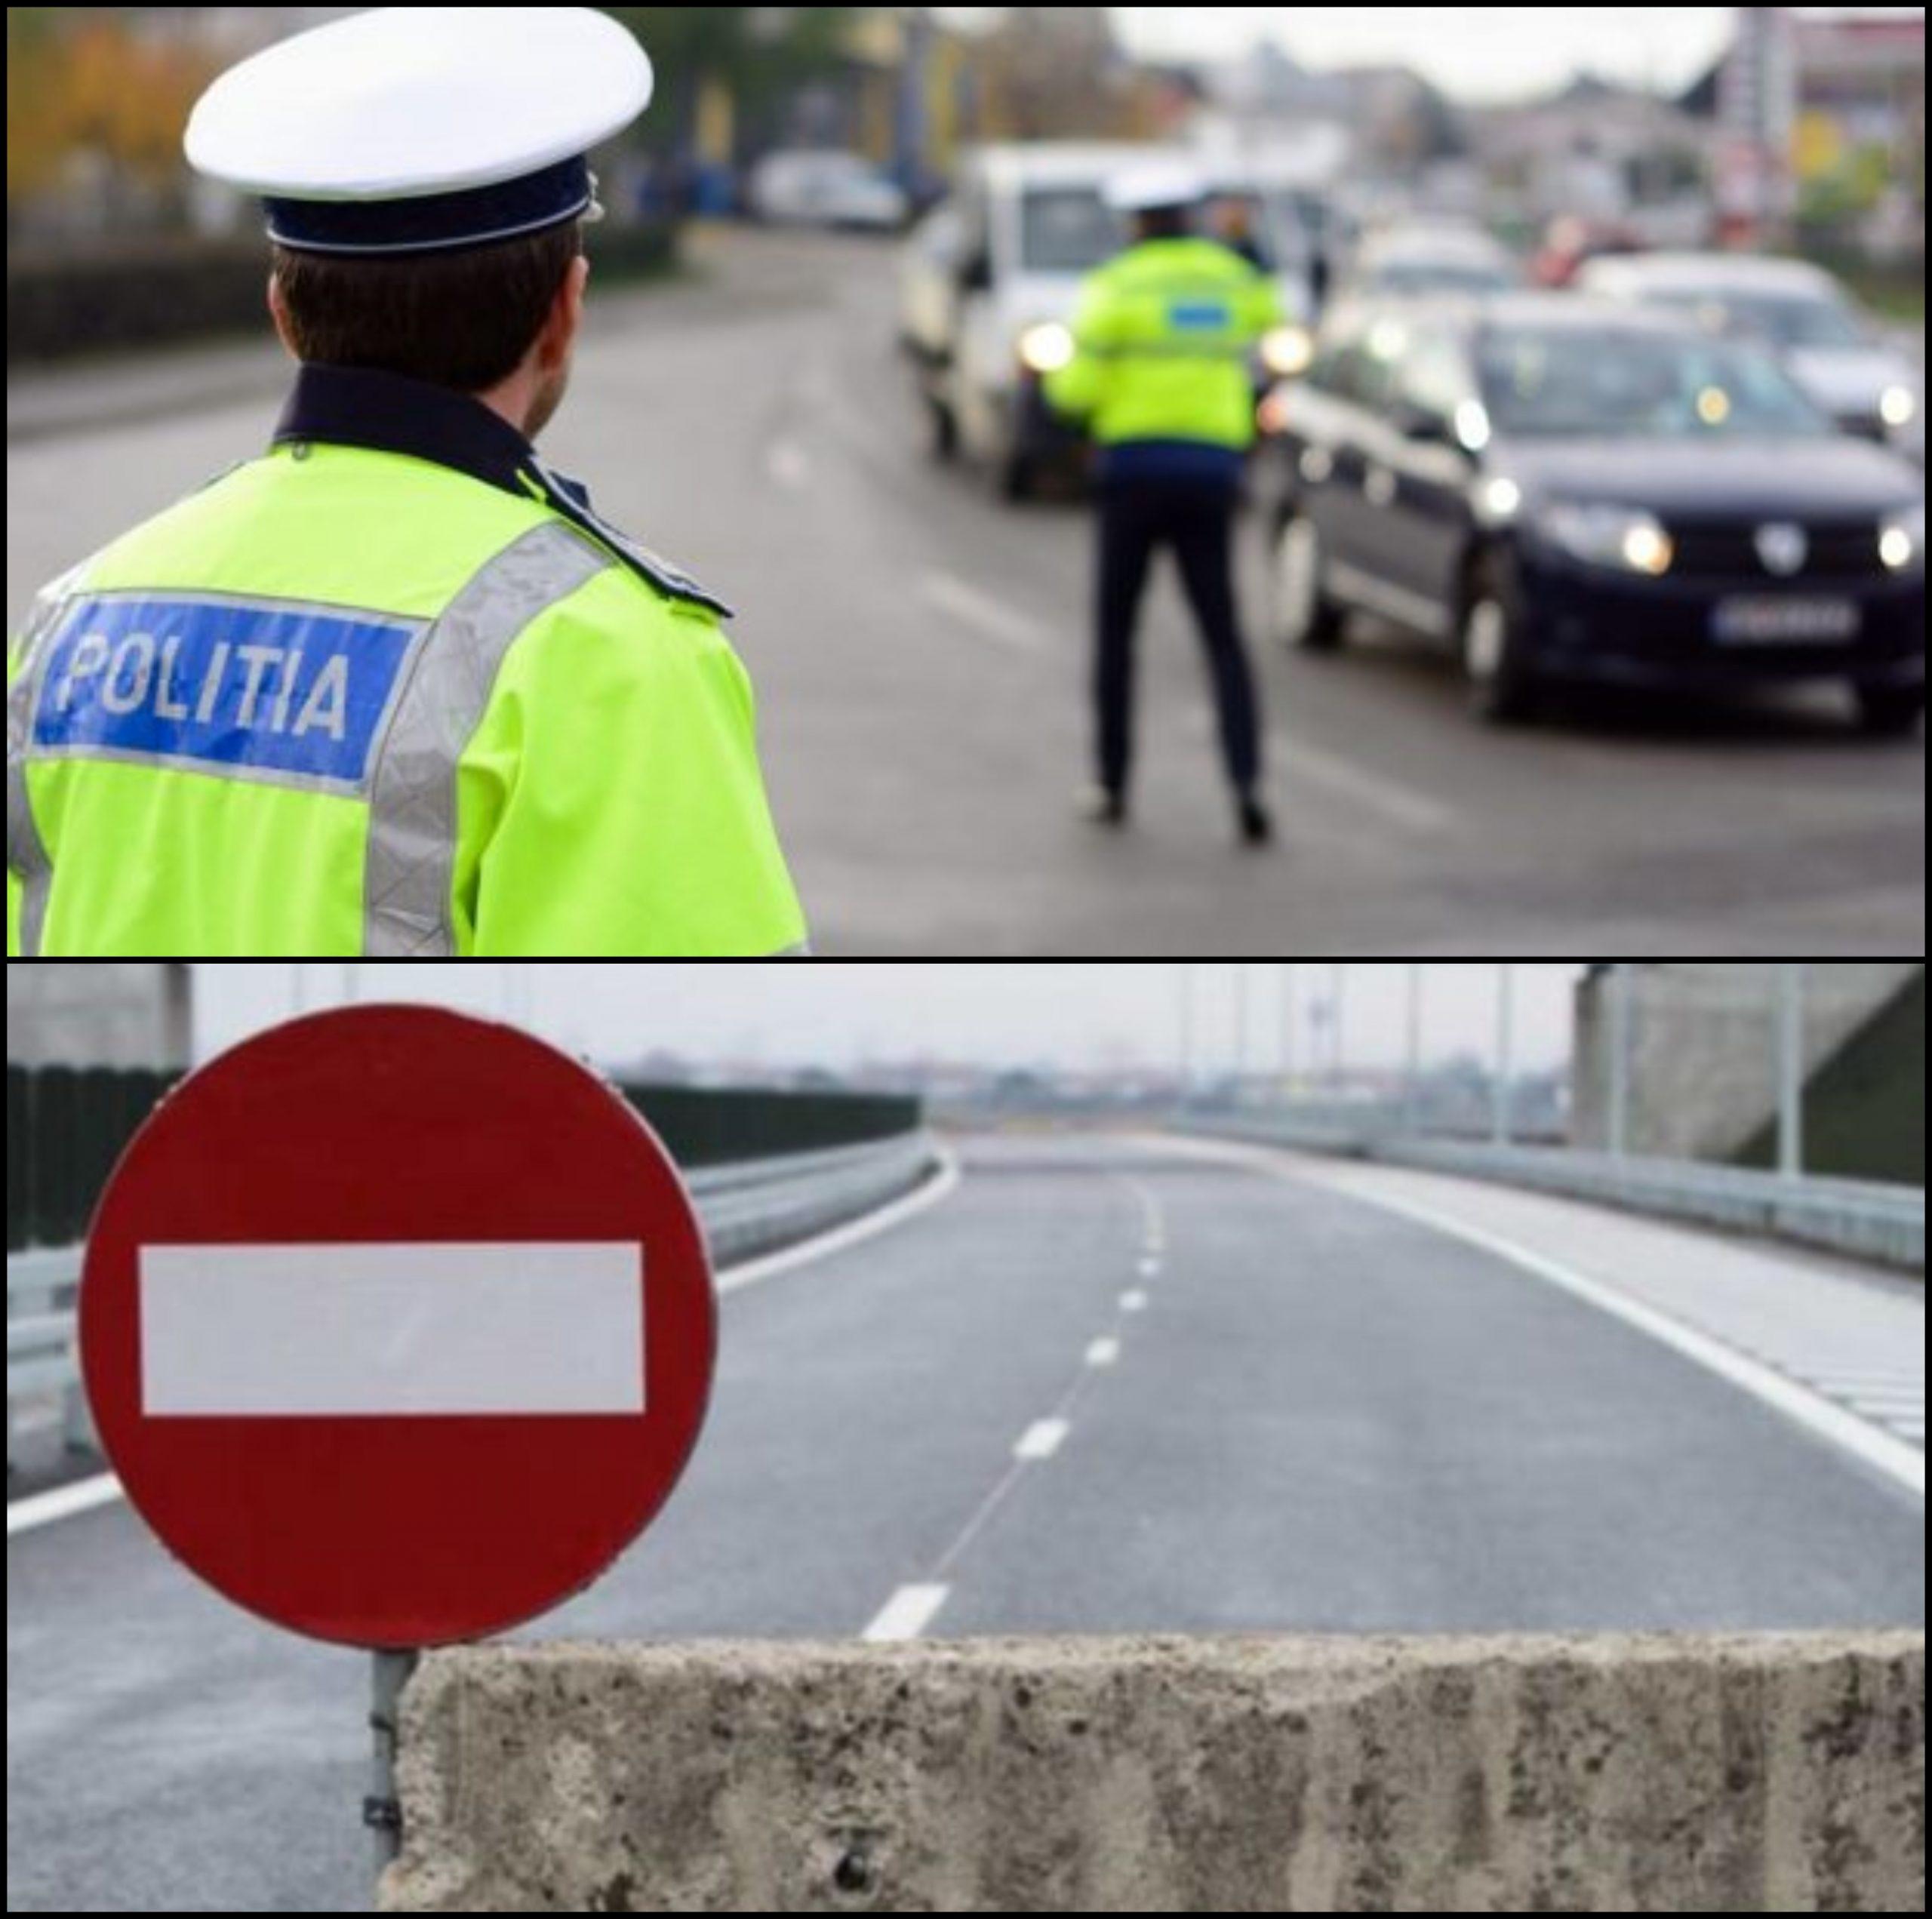 Noi restricții pe autostrada București - Constanța, aproape de Capitală. Atenție cum circulați pe A2 până în decembrie